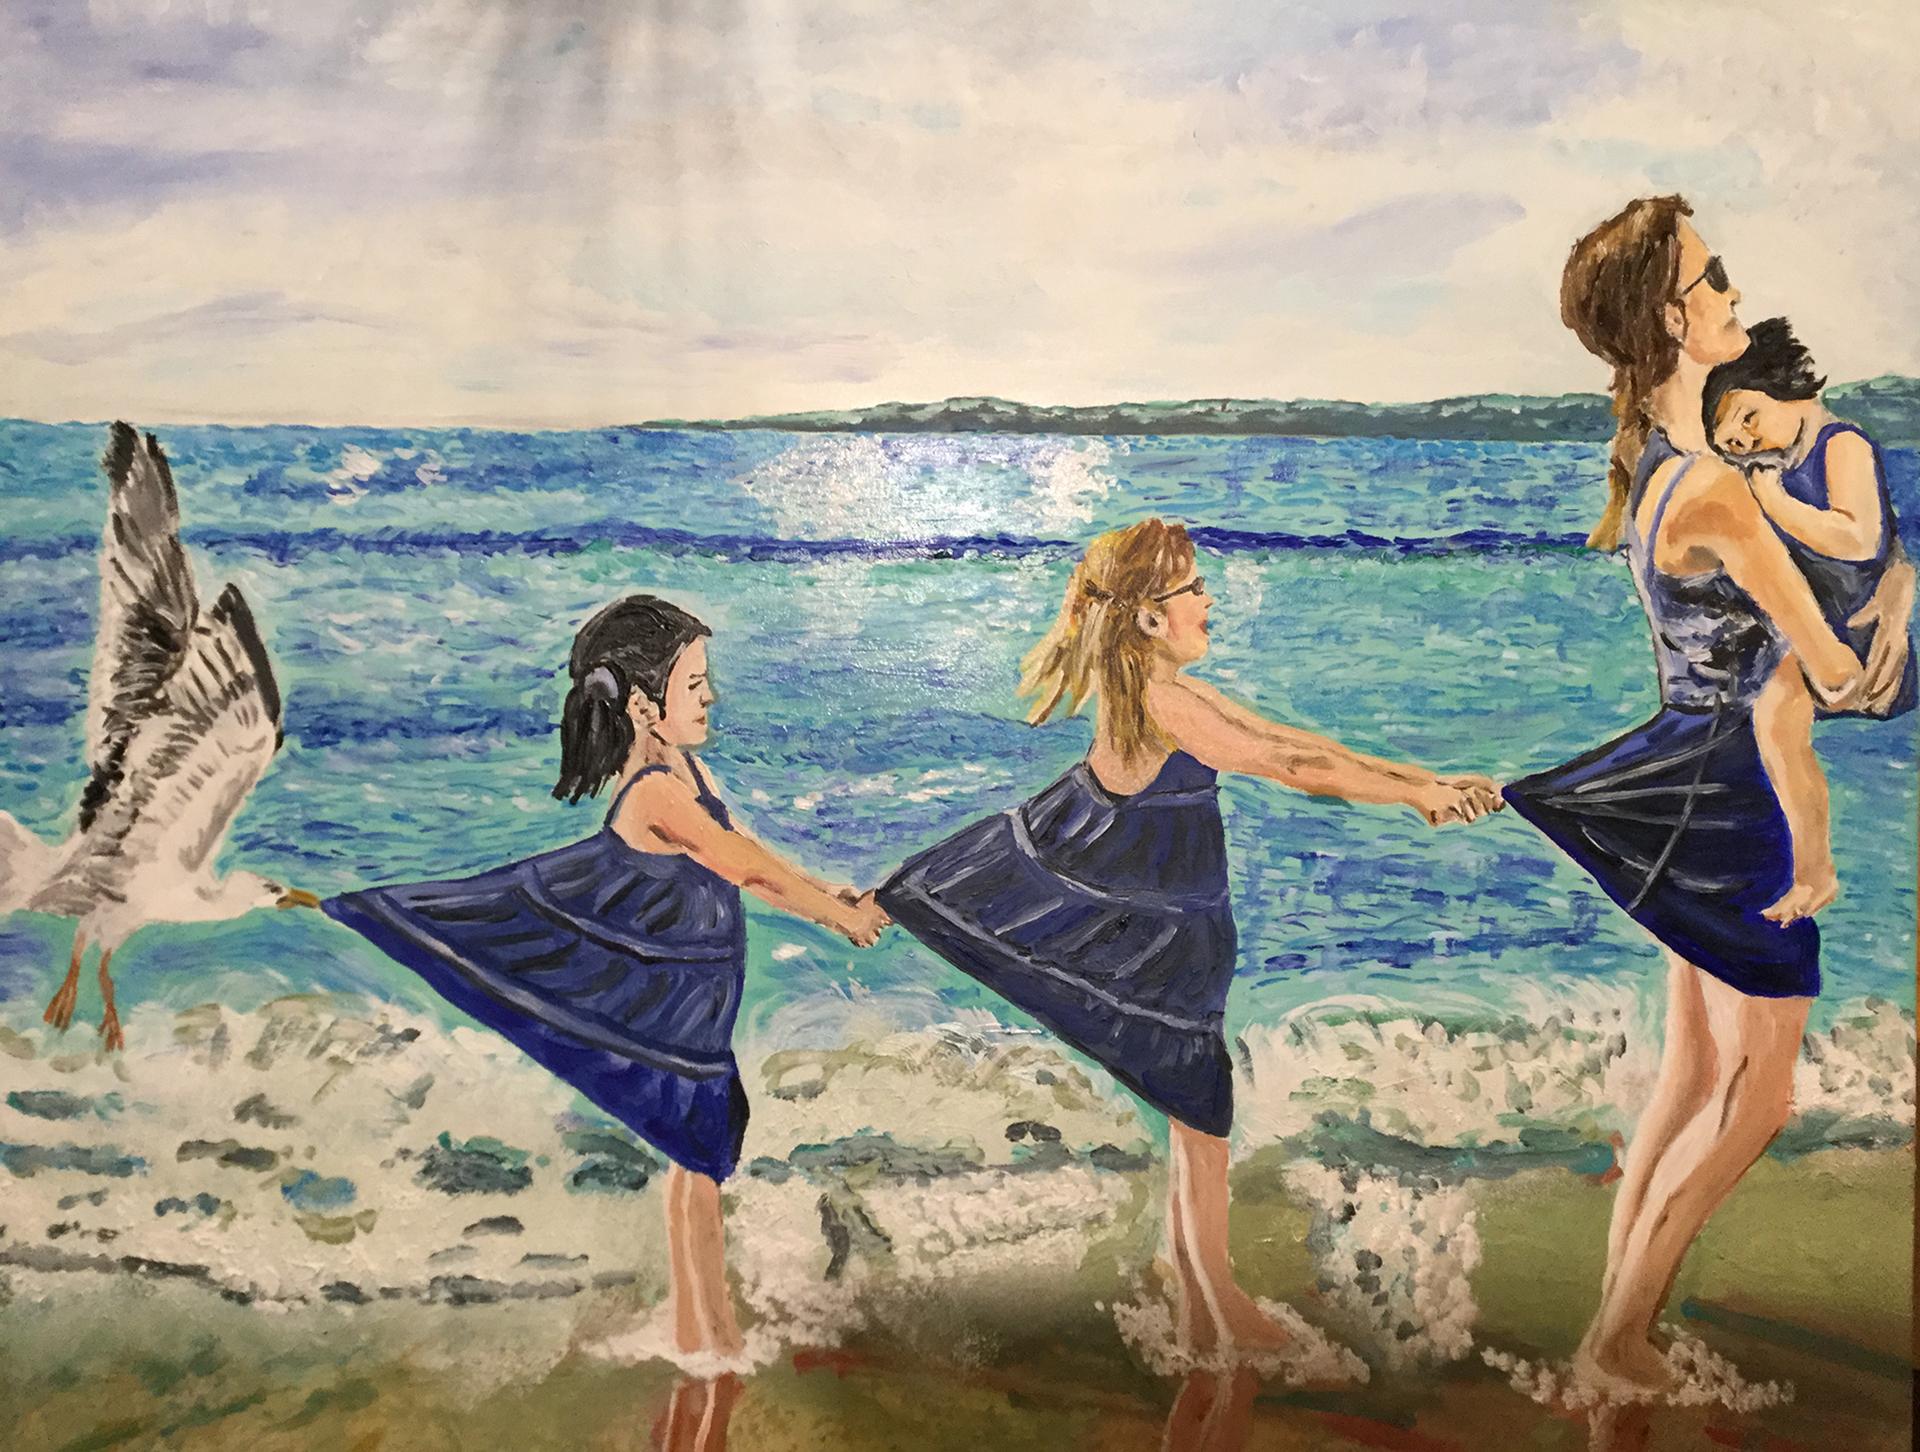 Sito web d'artista: Pasquale Iannelli - Capricci - Olio su tela con cornice (60×70 cm) – anno 2018